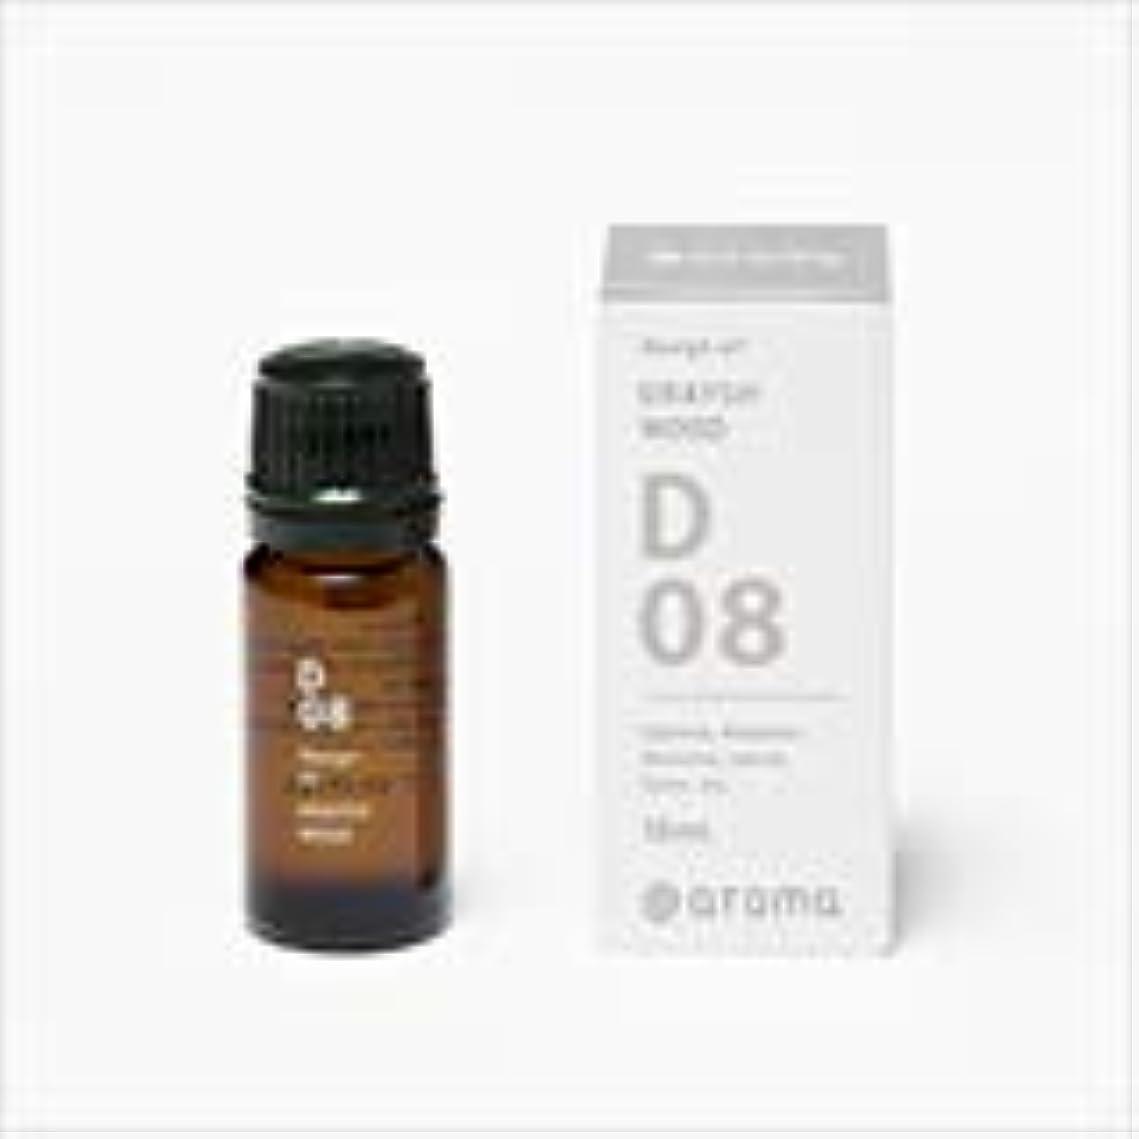 誘導万一に備えて巻き戻すアットアロマ 100%pure essential oil <Design air ルーセントパープル>